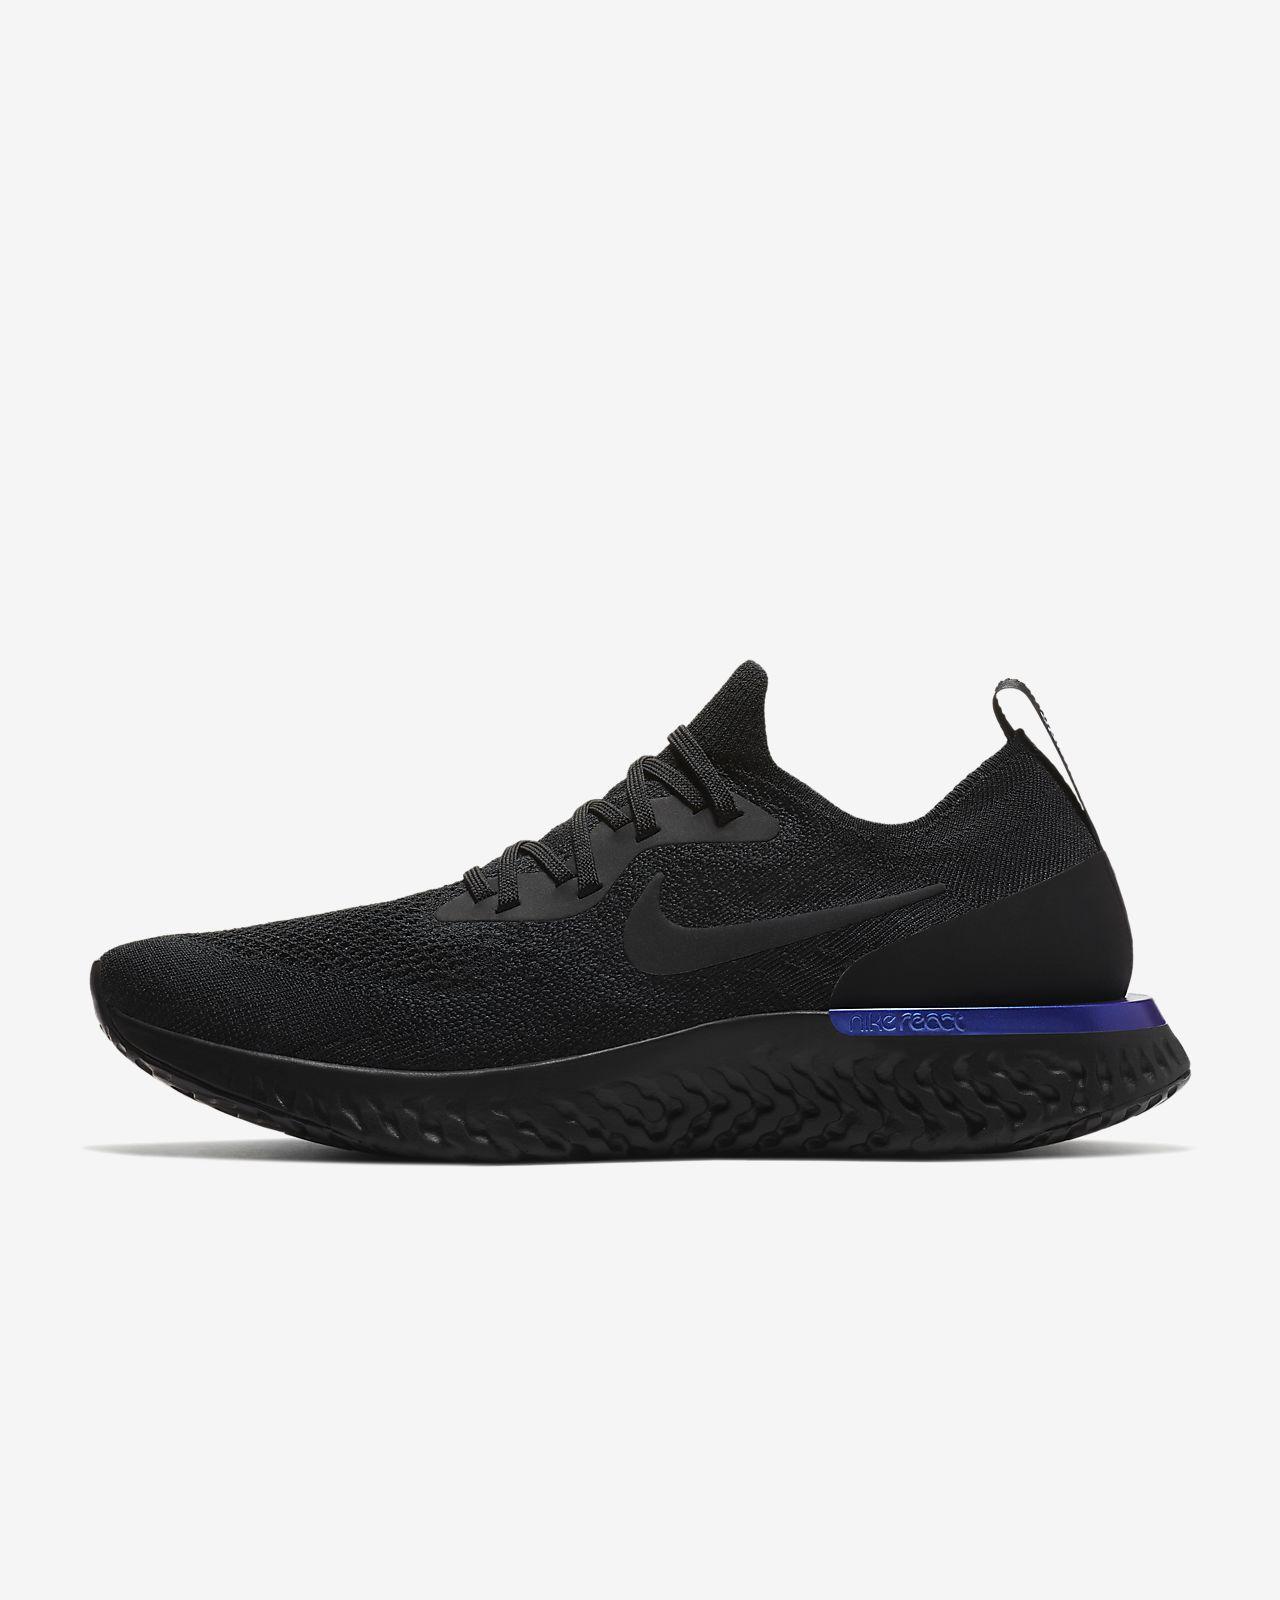 0f5c50d13c8f Nike Epic React Flyknit Men s Running Shoe. Nike.com SG